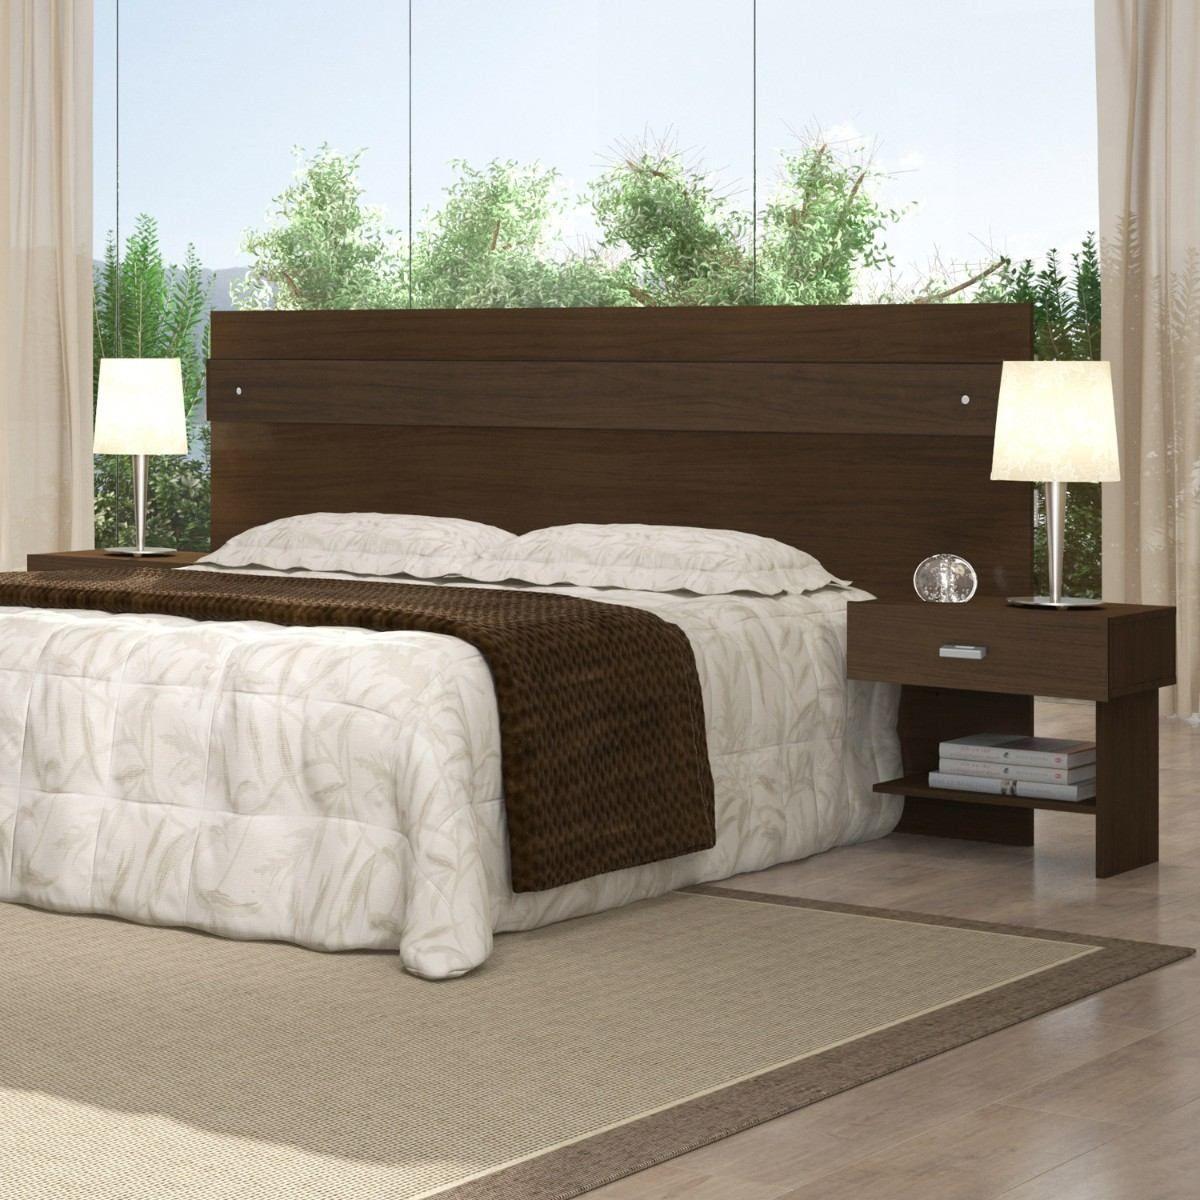 respaldos de cama buscar con google ideas para el hogar pinterest respaldos de cama. Black Bedroom Furniture Sets. Home Design Ideas